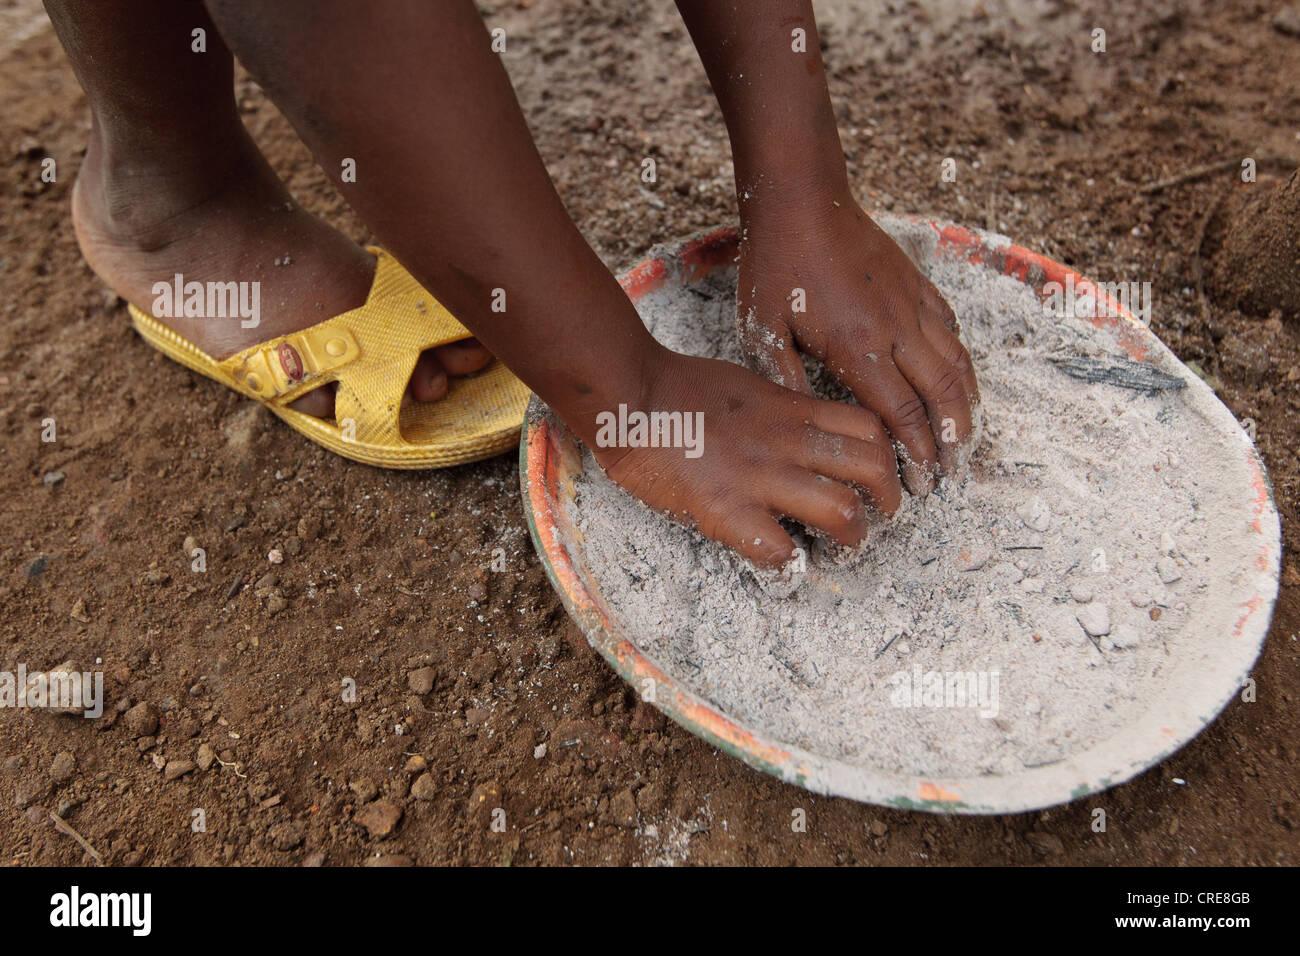 Une fille ramasse une poignée de cendres, un substitut de savon, alors qu'elle se lave les mains à Photo Stock